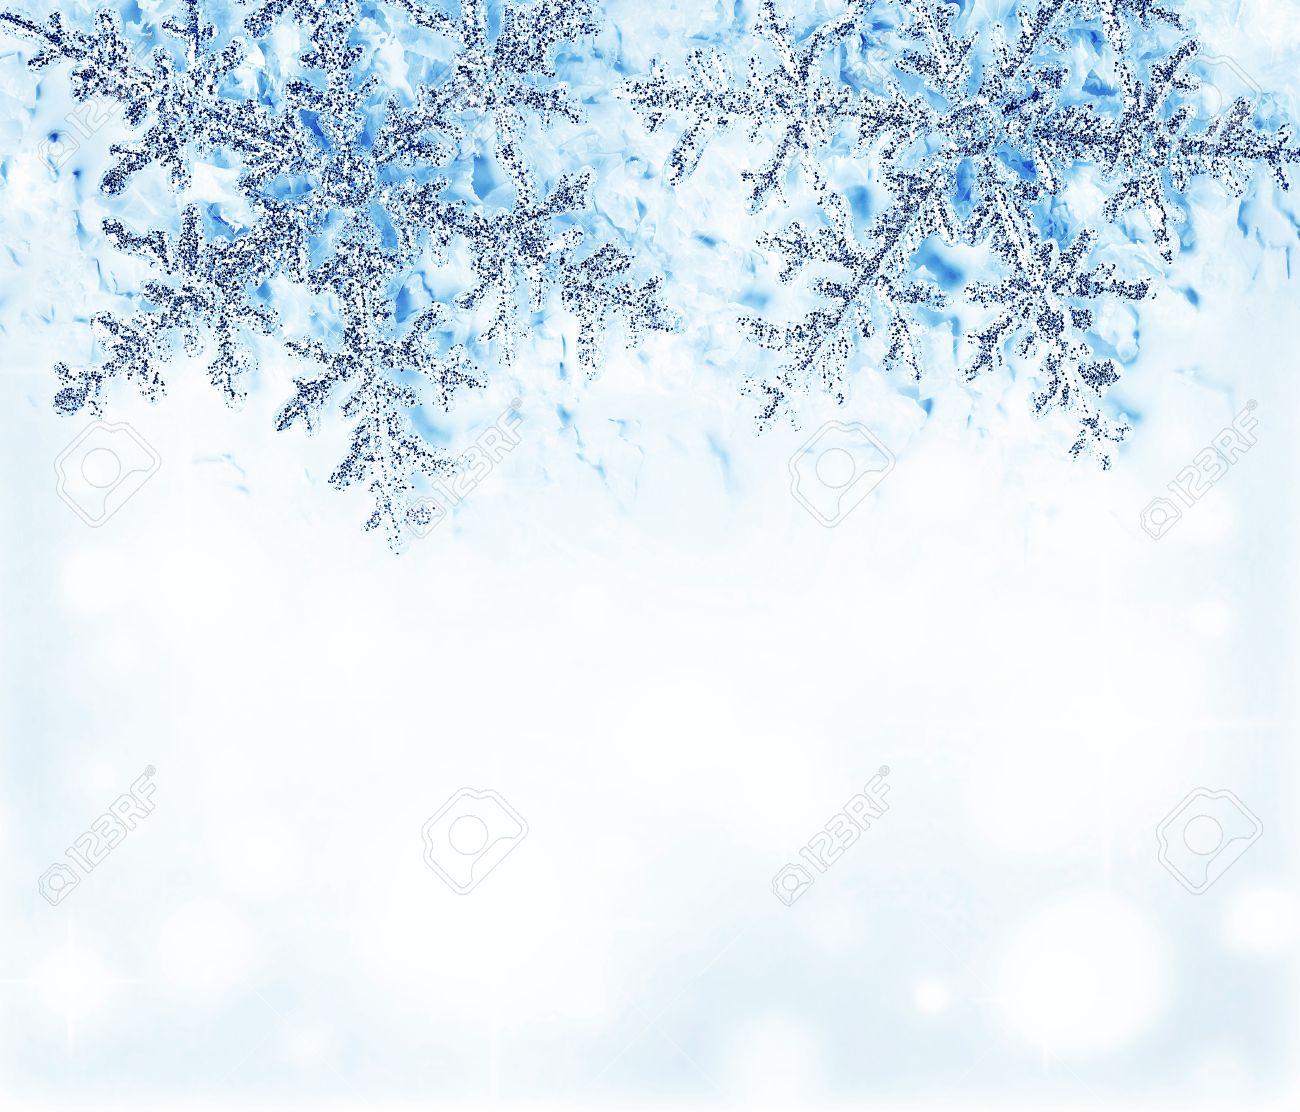 Schneeflocke Blau Dekorativen Rand, Schöne Blaue Kälte Gefrorenen ...